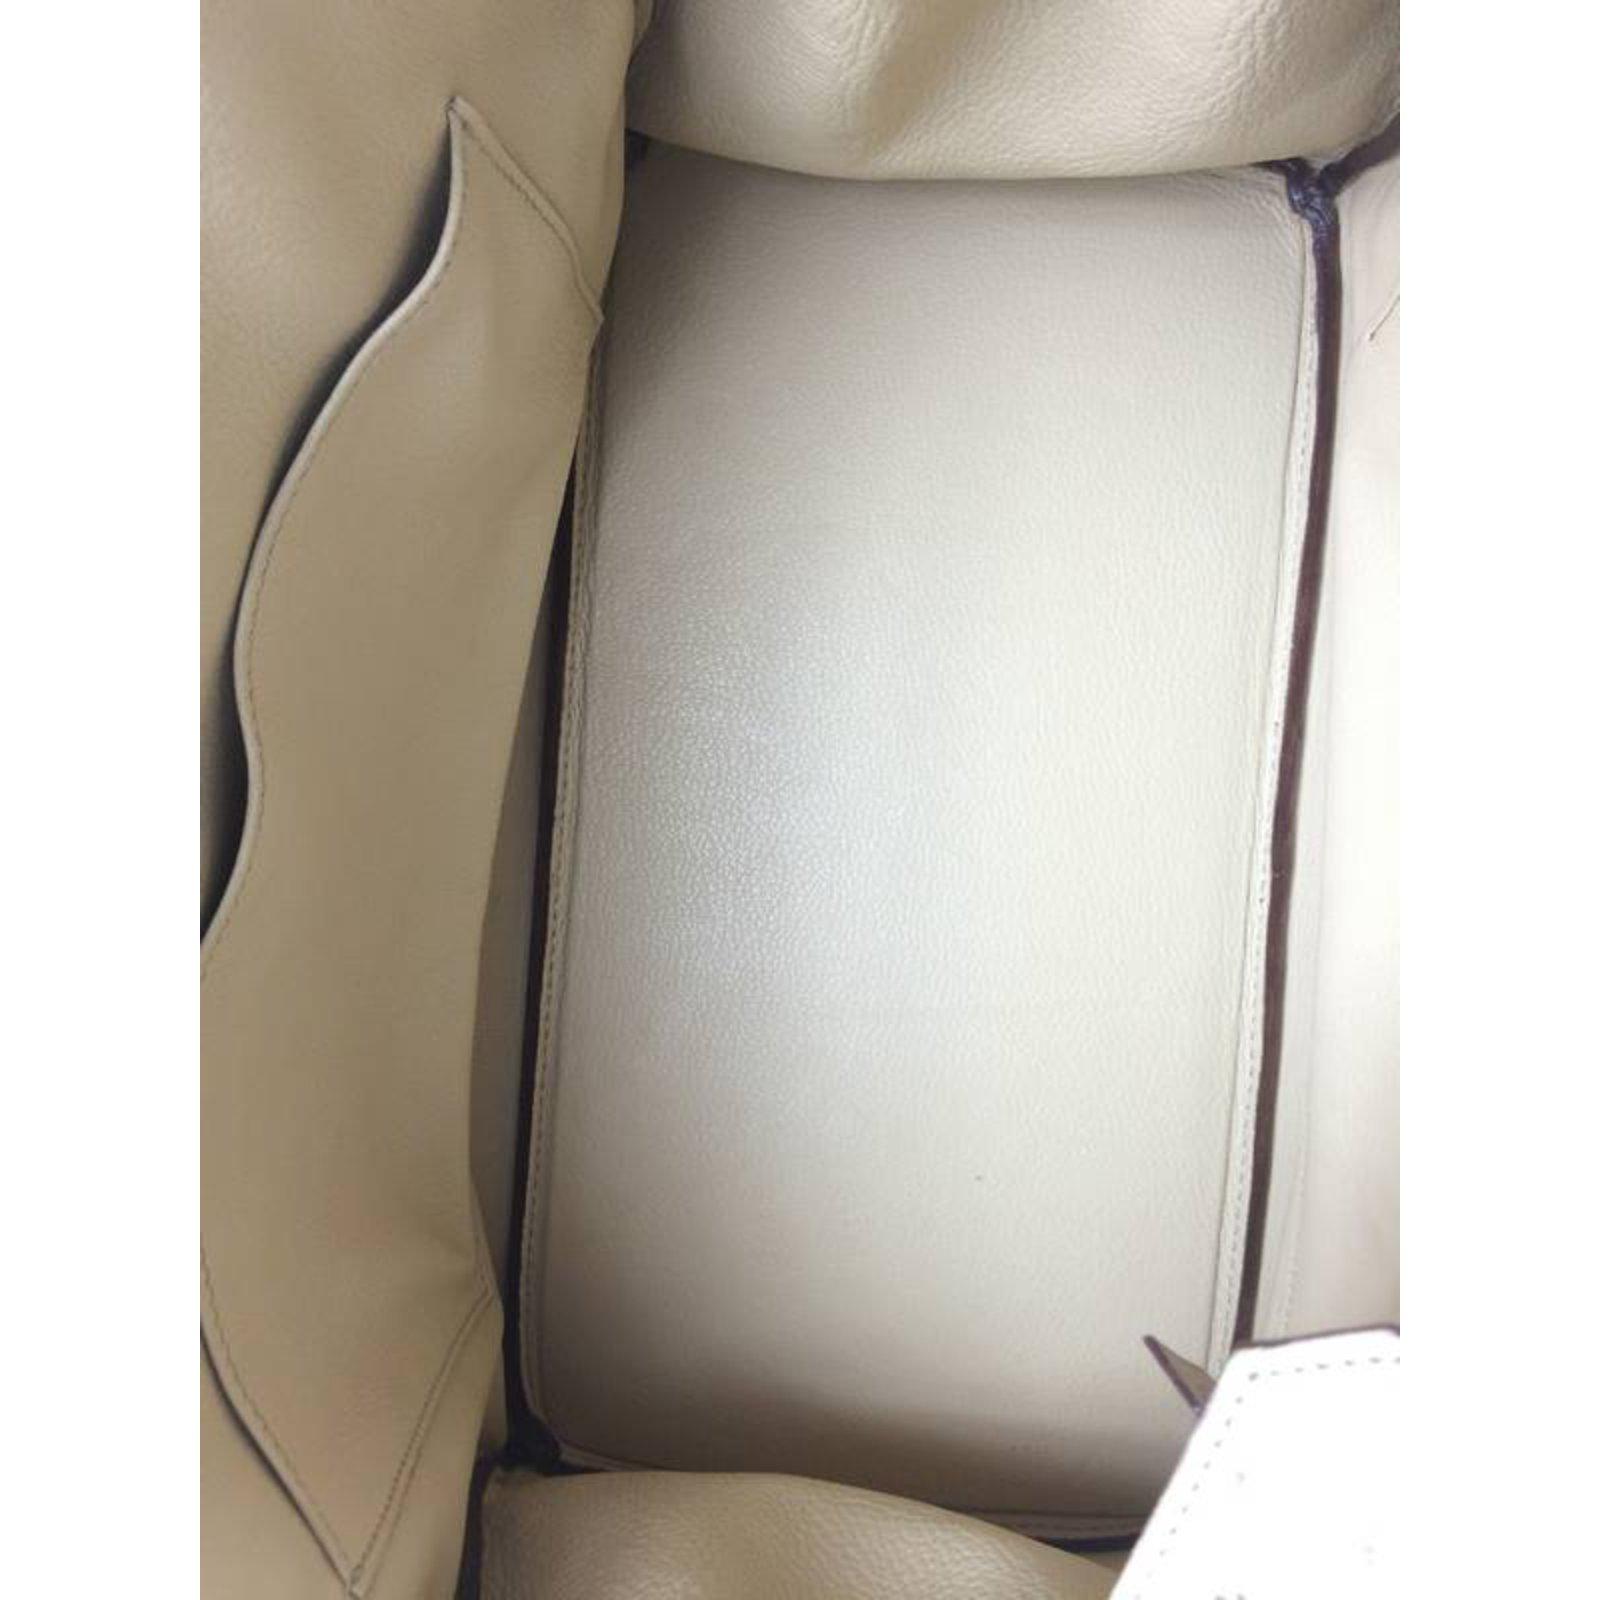 58c9534ce4 Sacs à main Hermès Birkin 35 Autruche Parchemin Cuirs exotiques Beige  ref.22292 - Joli Closet